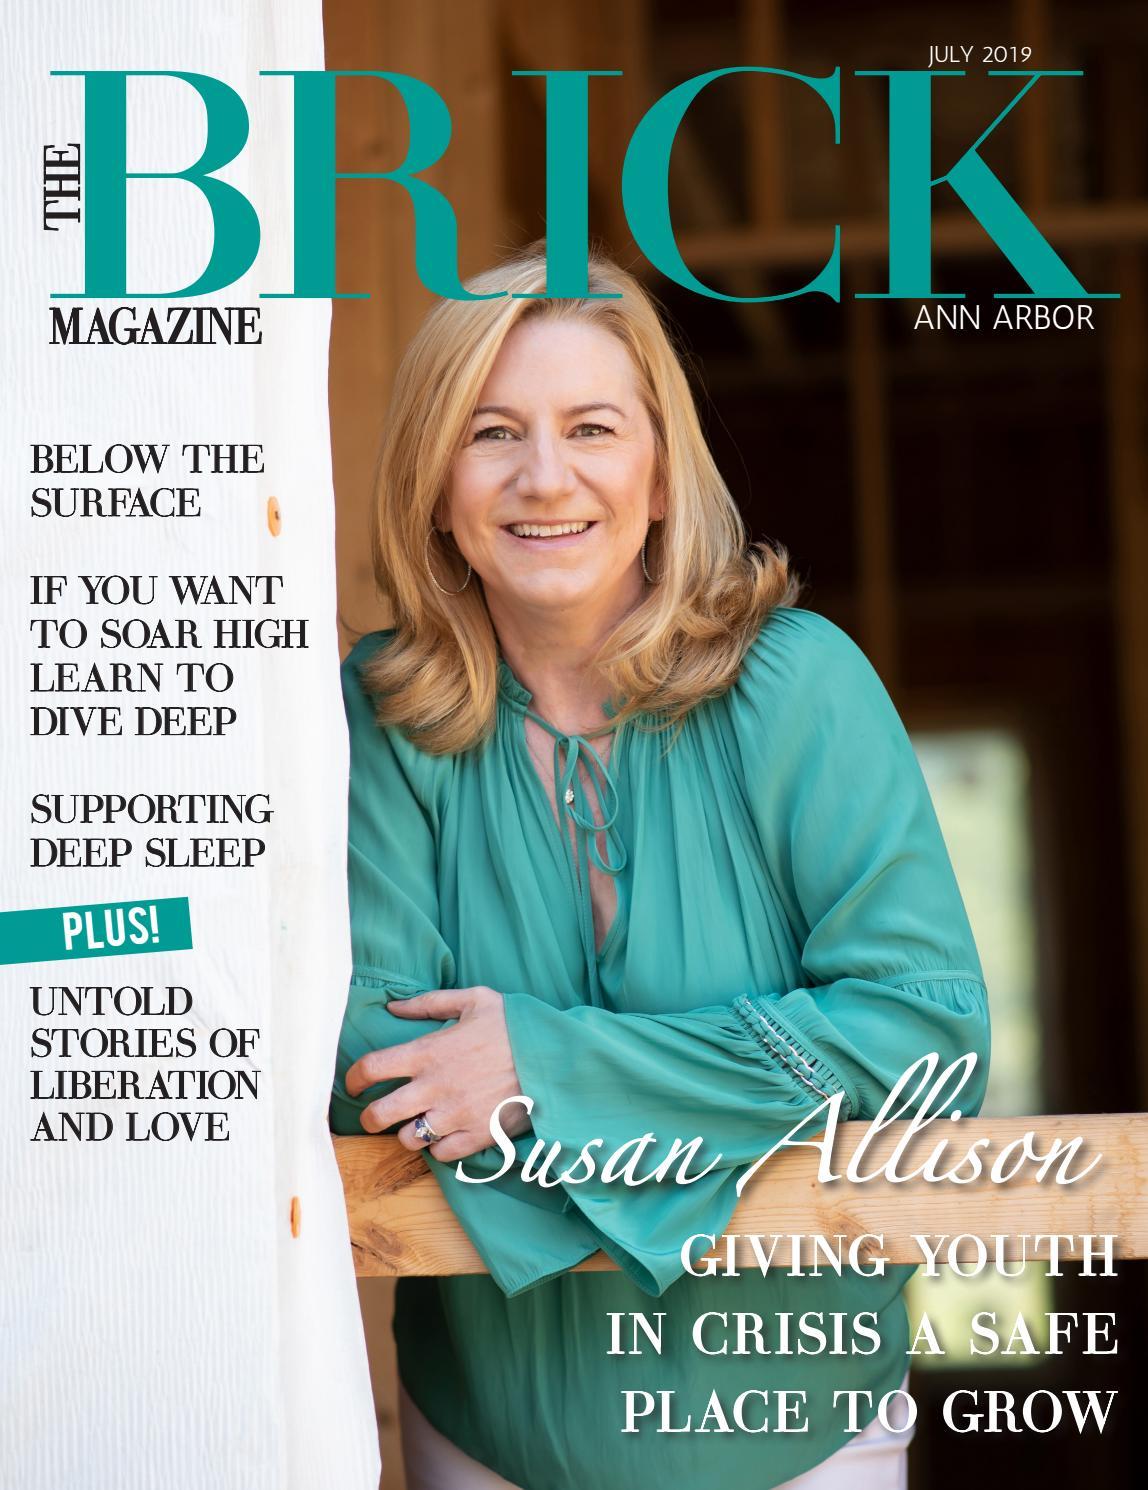 The Brick Magazine - July 2019 by Sarah Whitsett - issuu